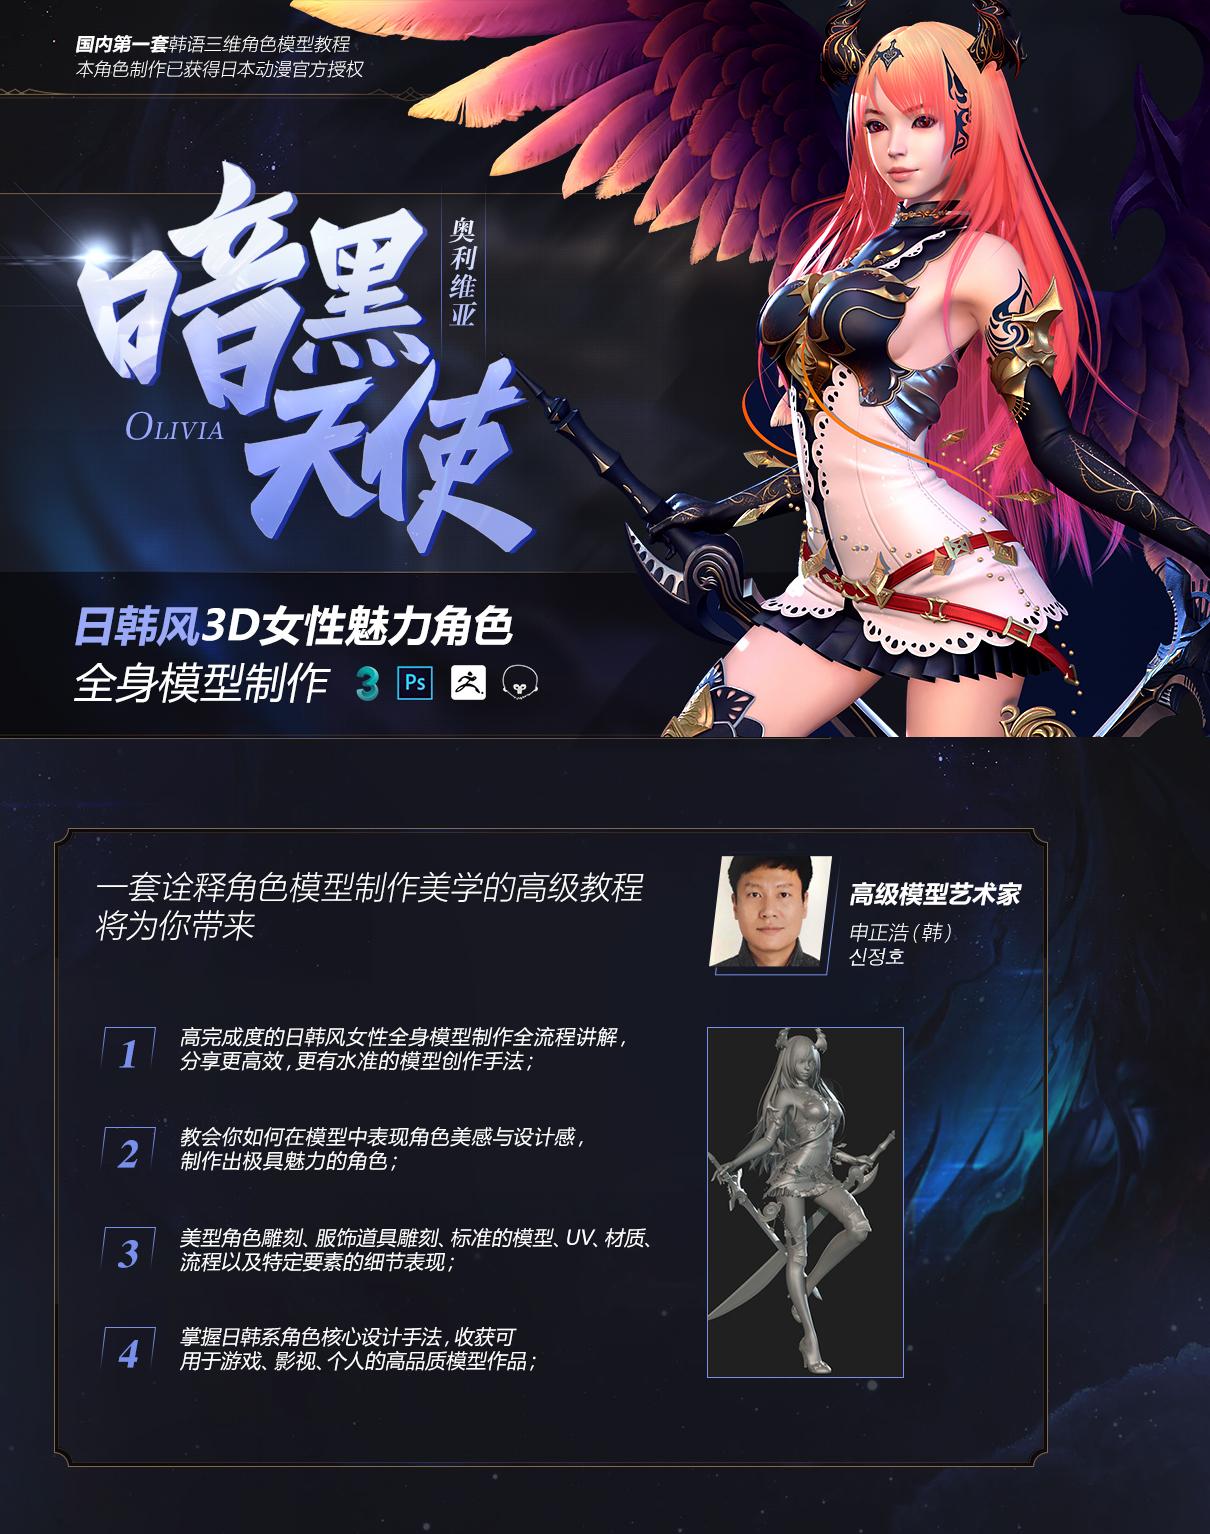 暗黑天使-主图.jpg